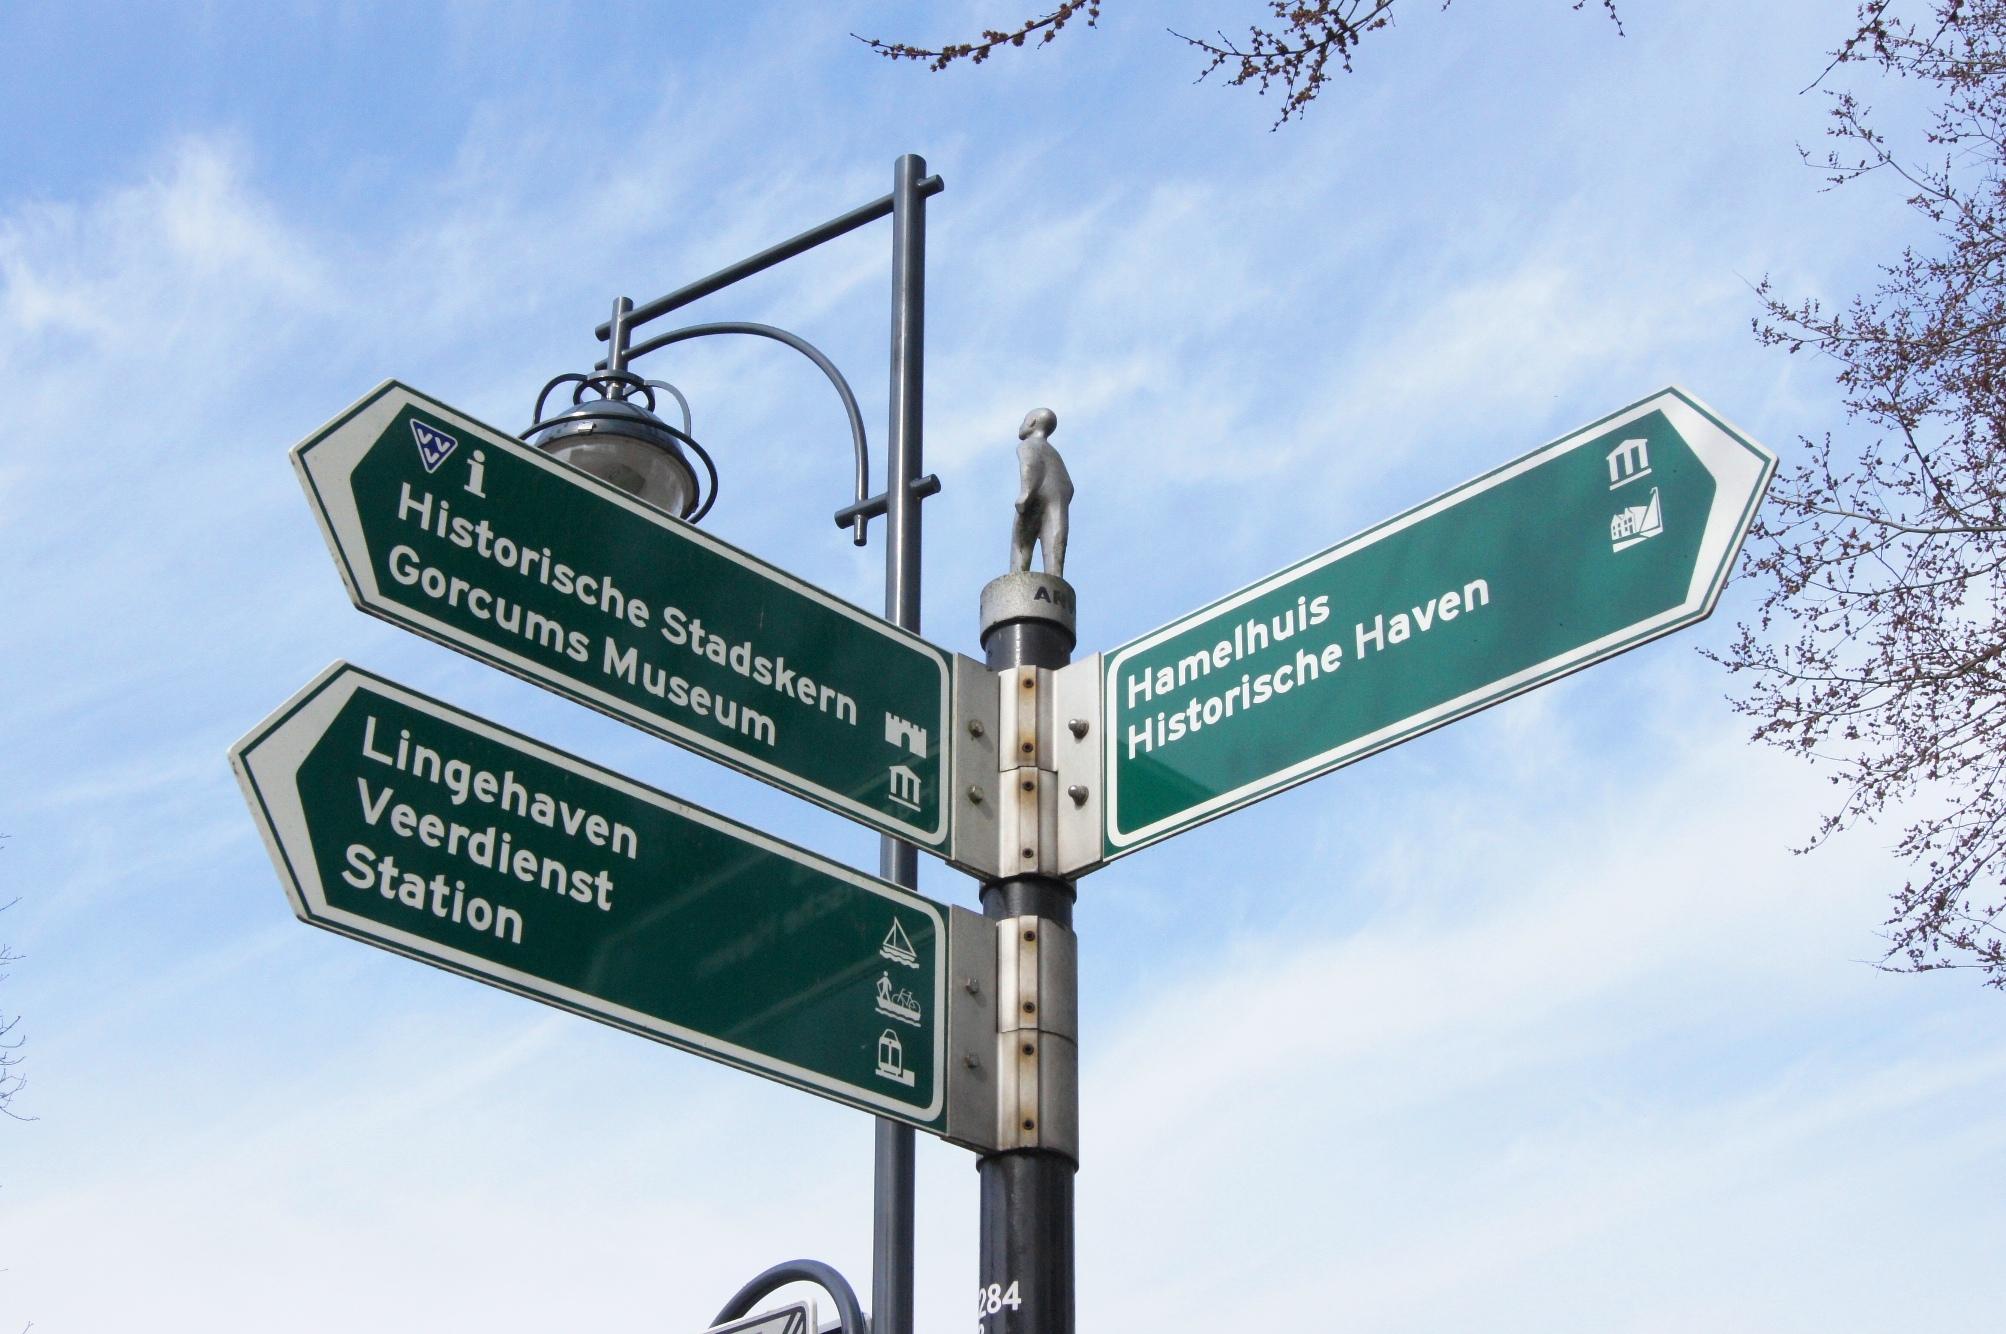 Nieuw! Binnenkort appartement te huur in Gorinchem binnenstad Gasthuisstraat